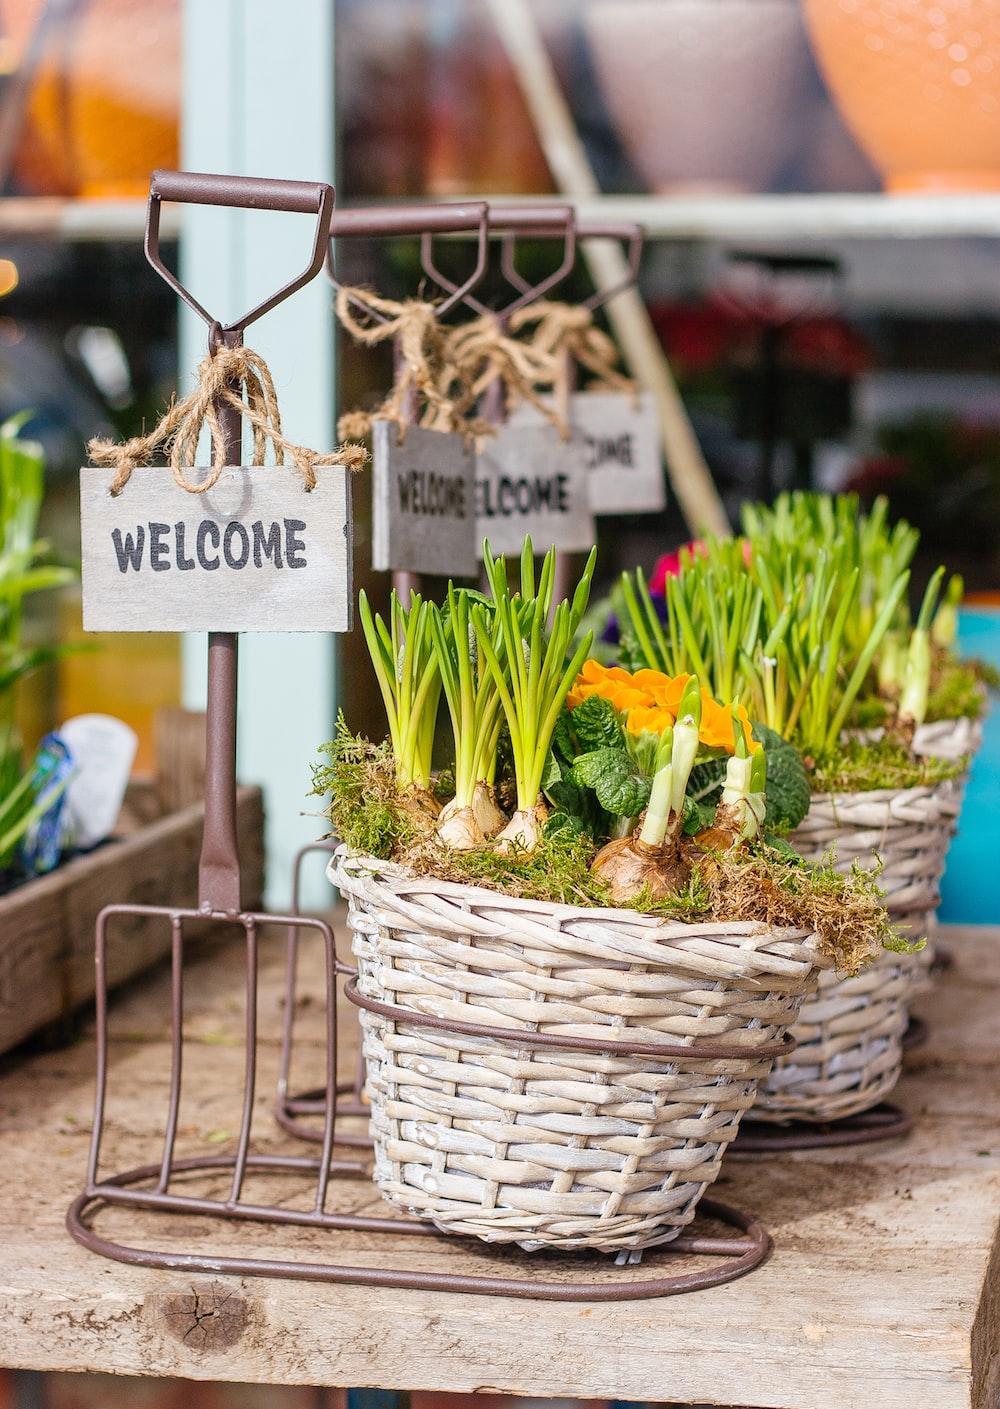 green vegetables inside the baskets